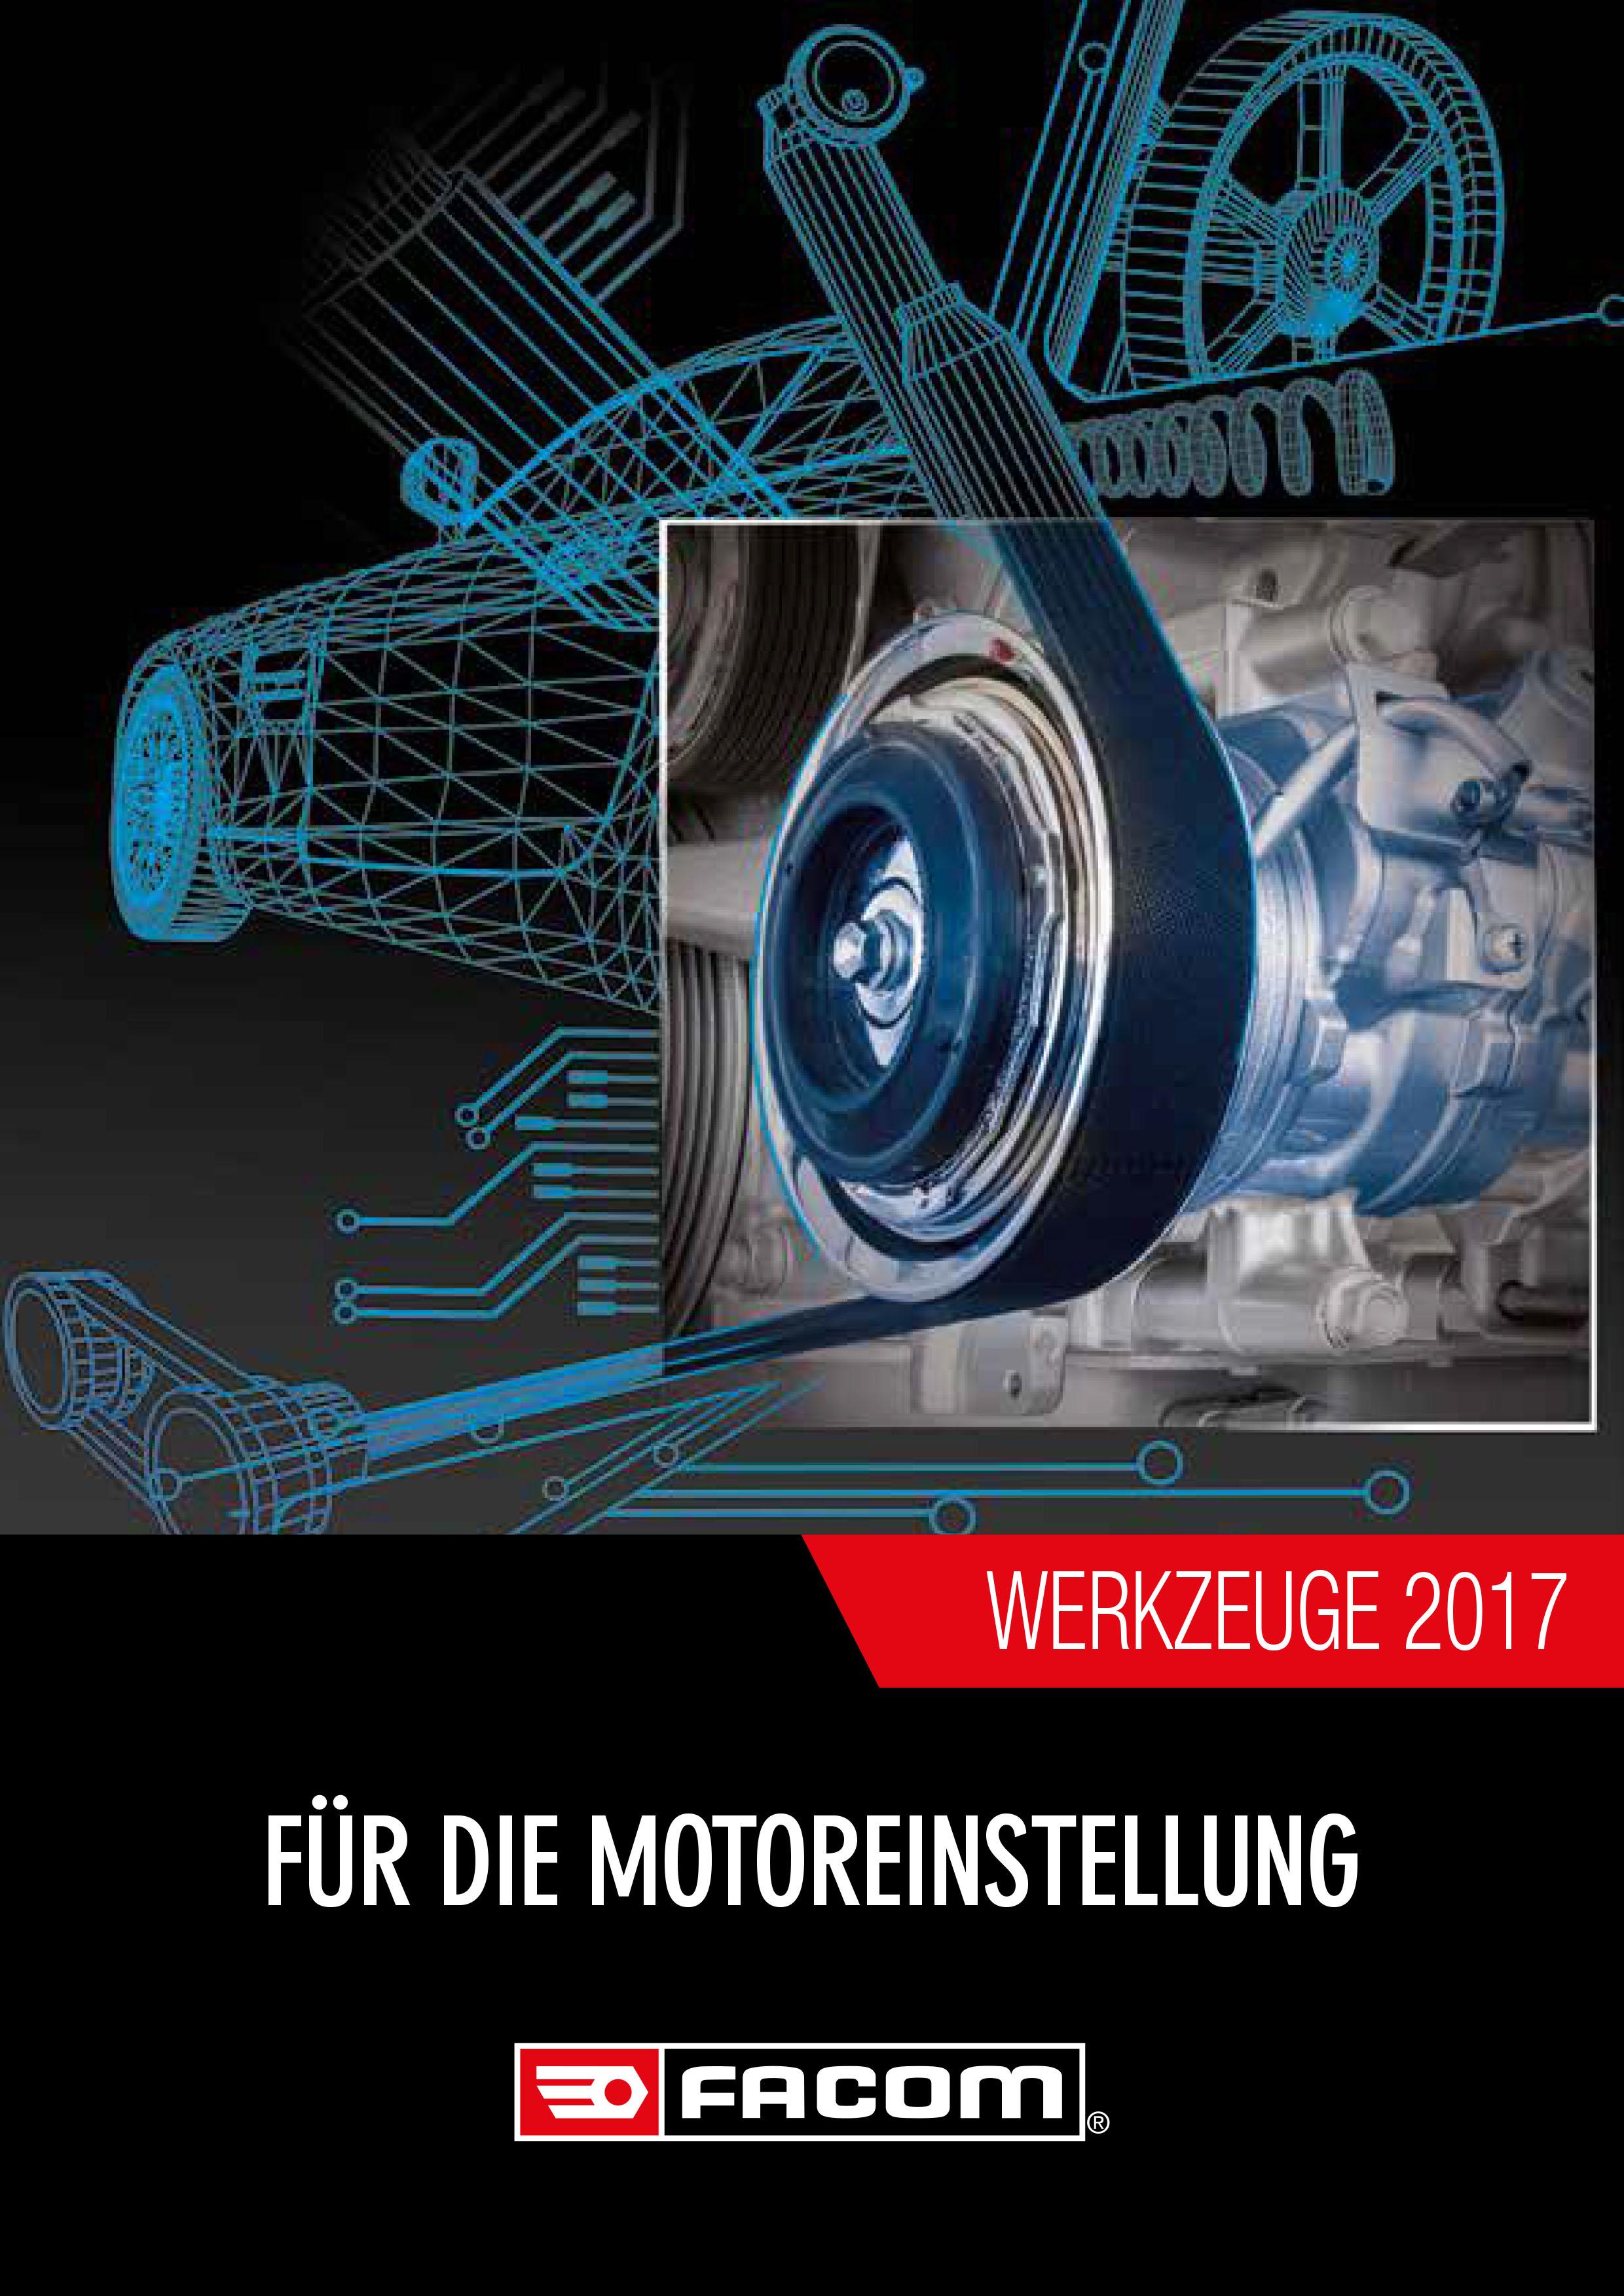 Facom Motor 2017